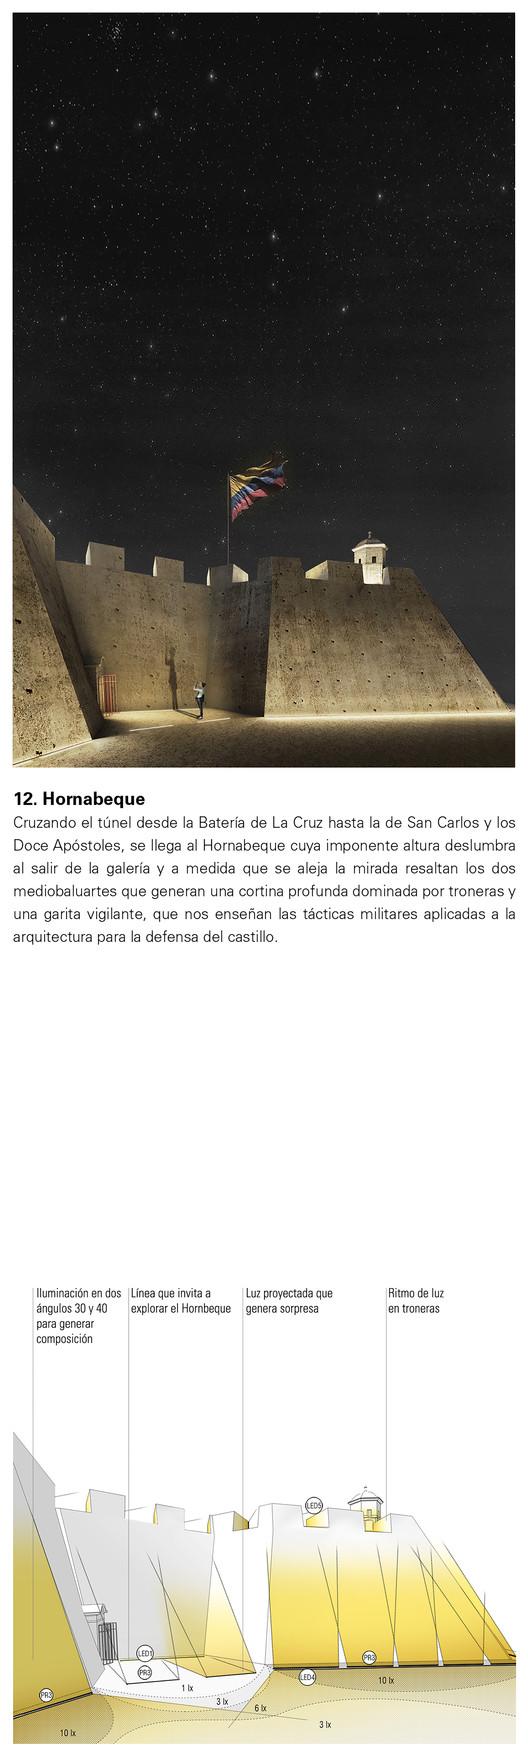 Hornabeque. Image Cortesía de Consorcio Arquitectura y Espacio Urbano + Lightcube